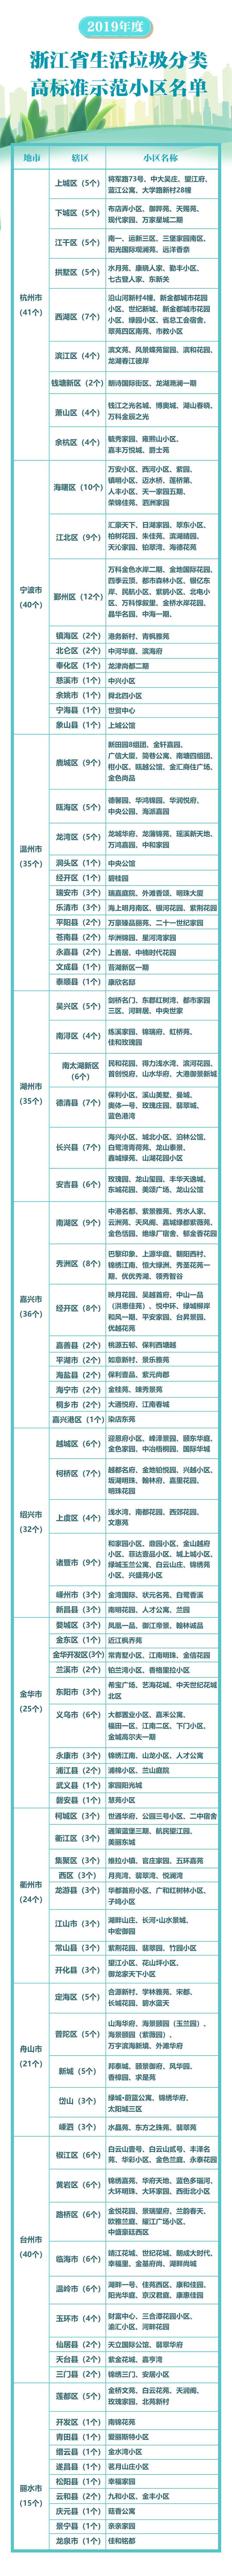 【浙江榜单】2019年度浙江省生活垃圾分类高标准示范小区名单(344个)